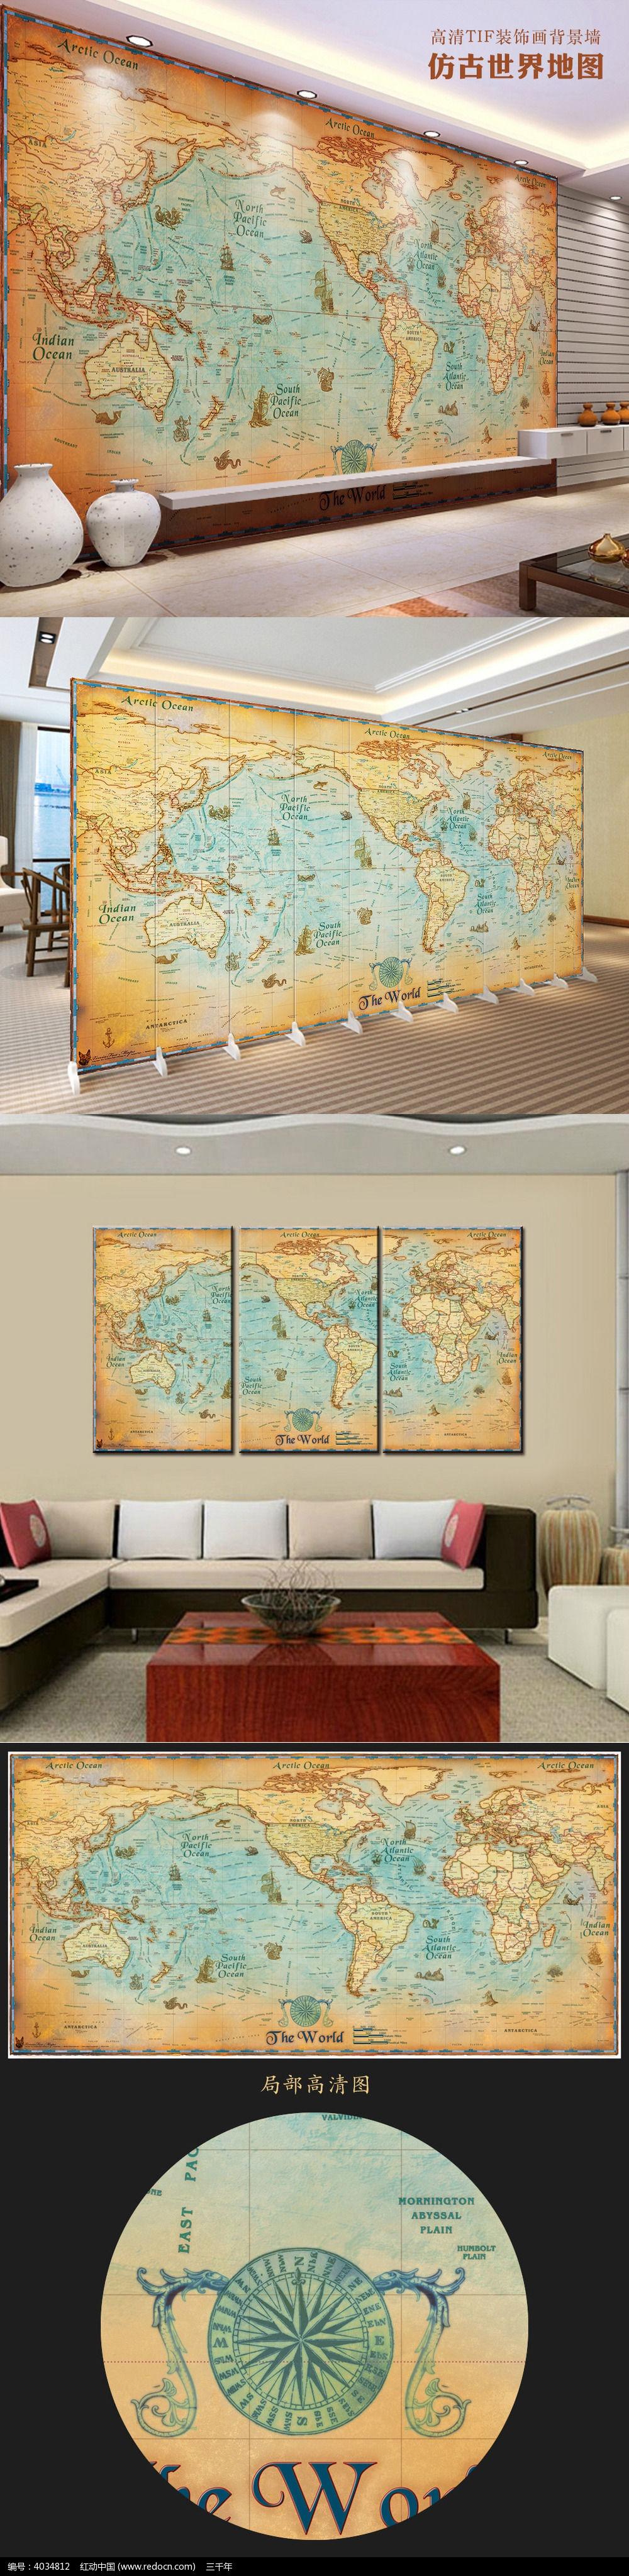 仿古世界地图电视背景墙